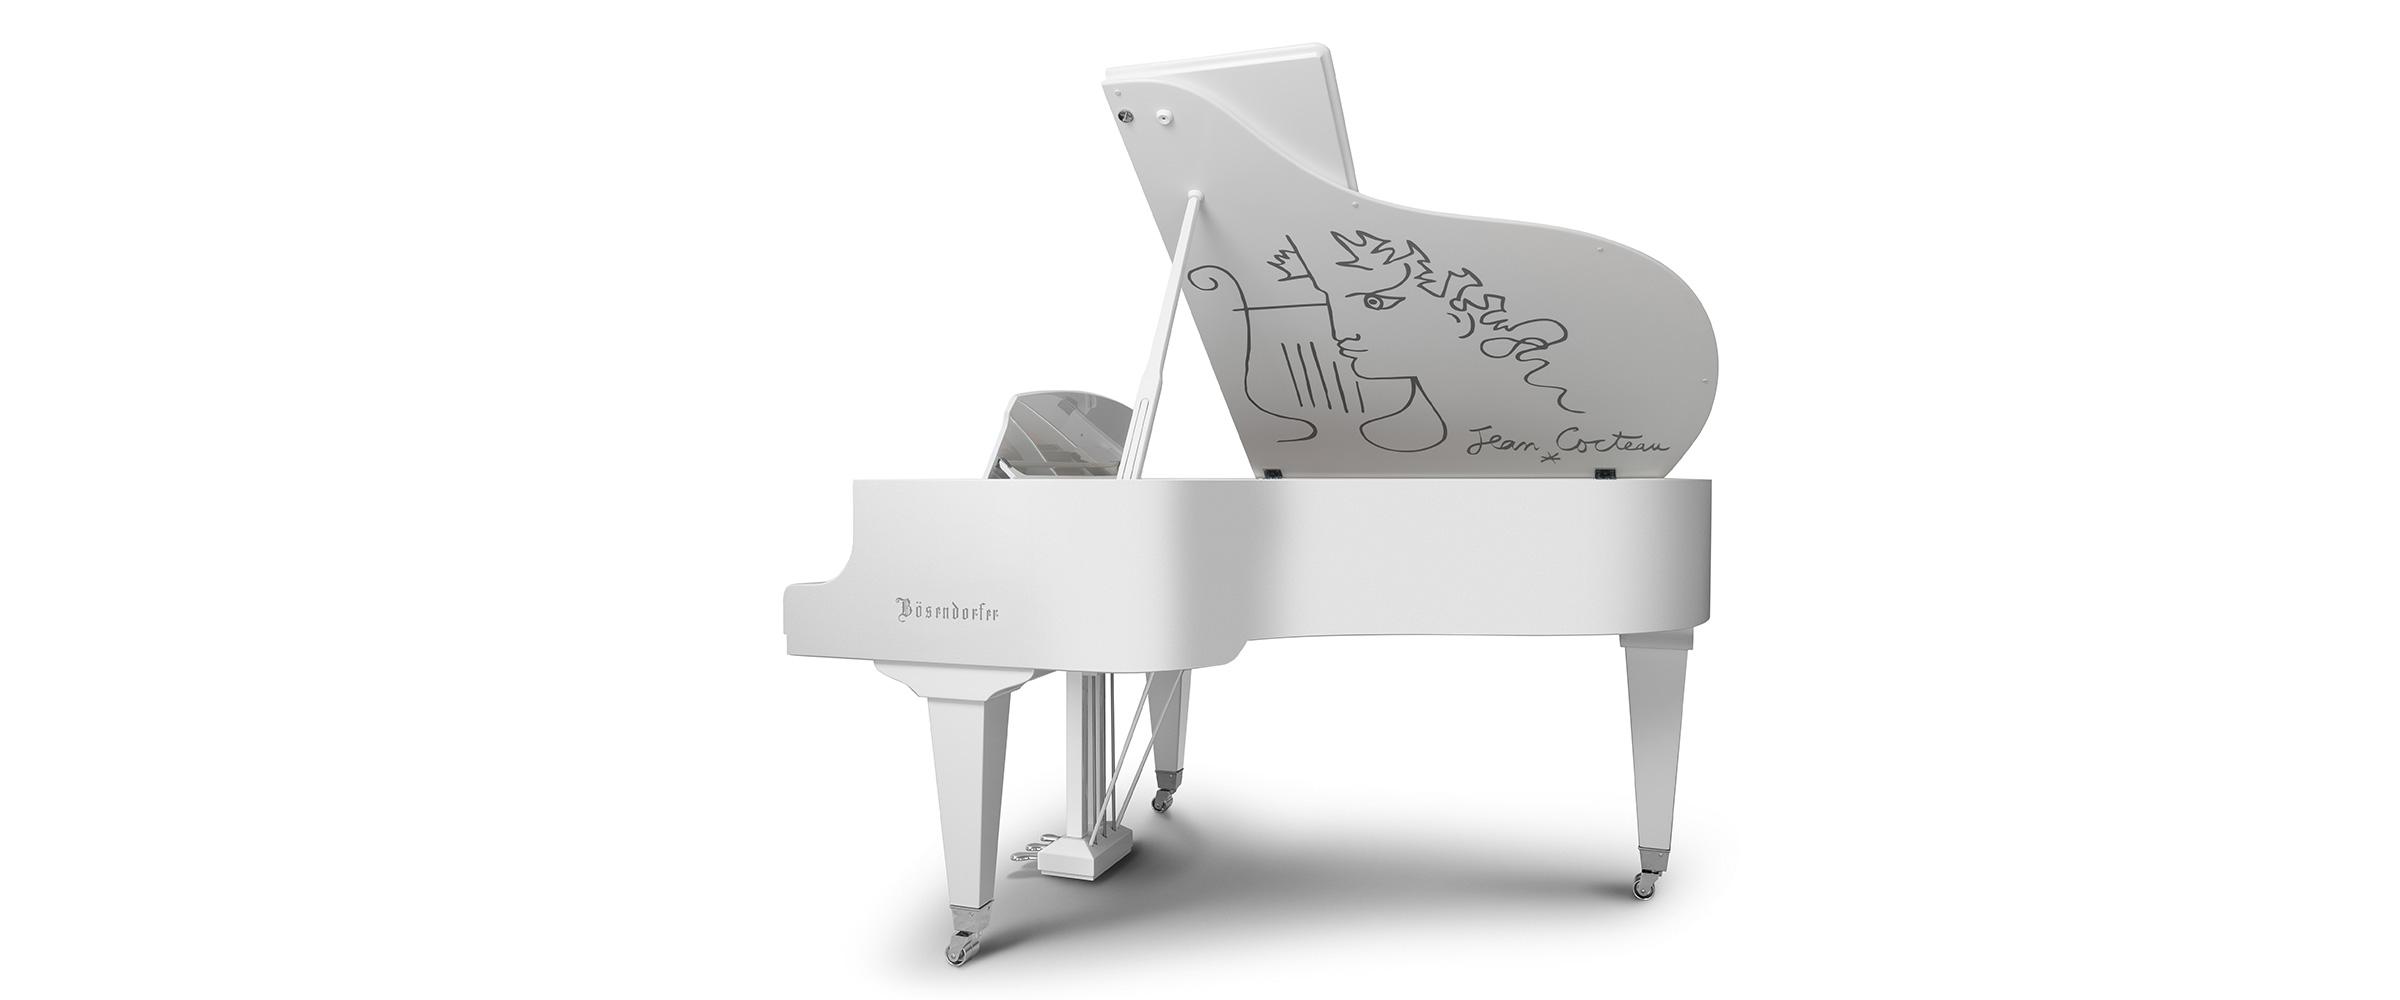 商丘专业珠江钢琴推荐_专业键盘类乐器-洛阳誉声乐器有限责任公司